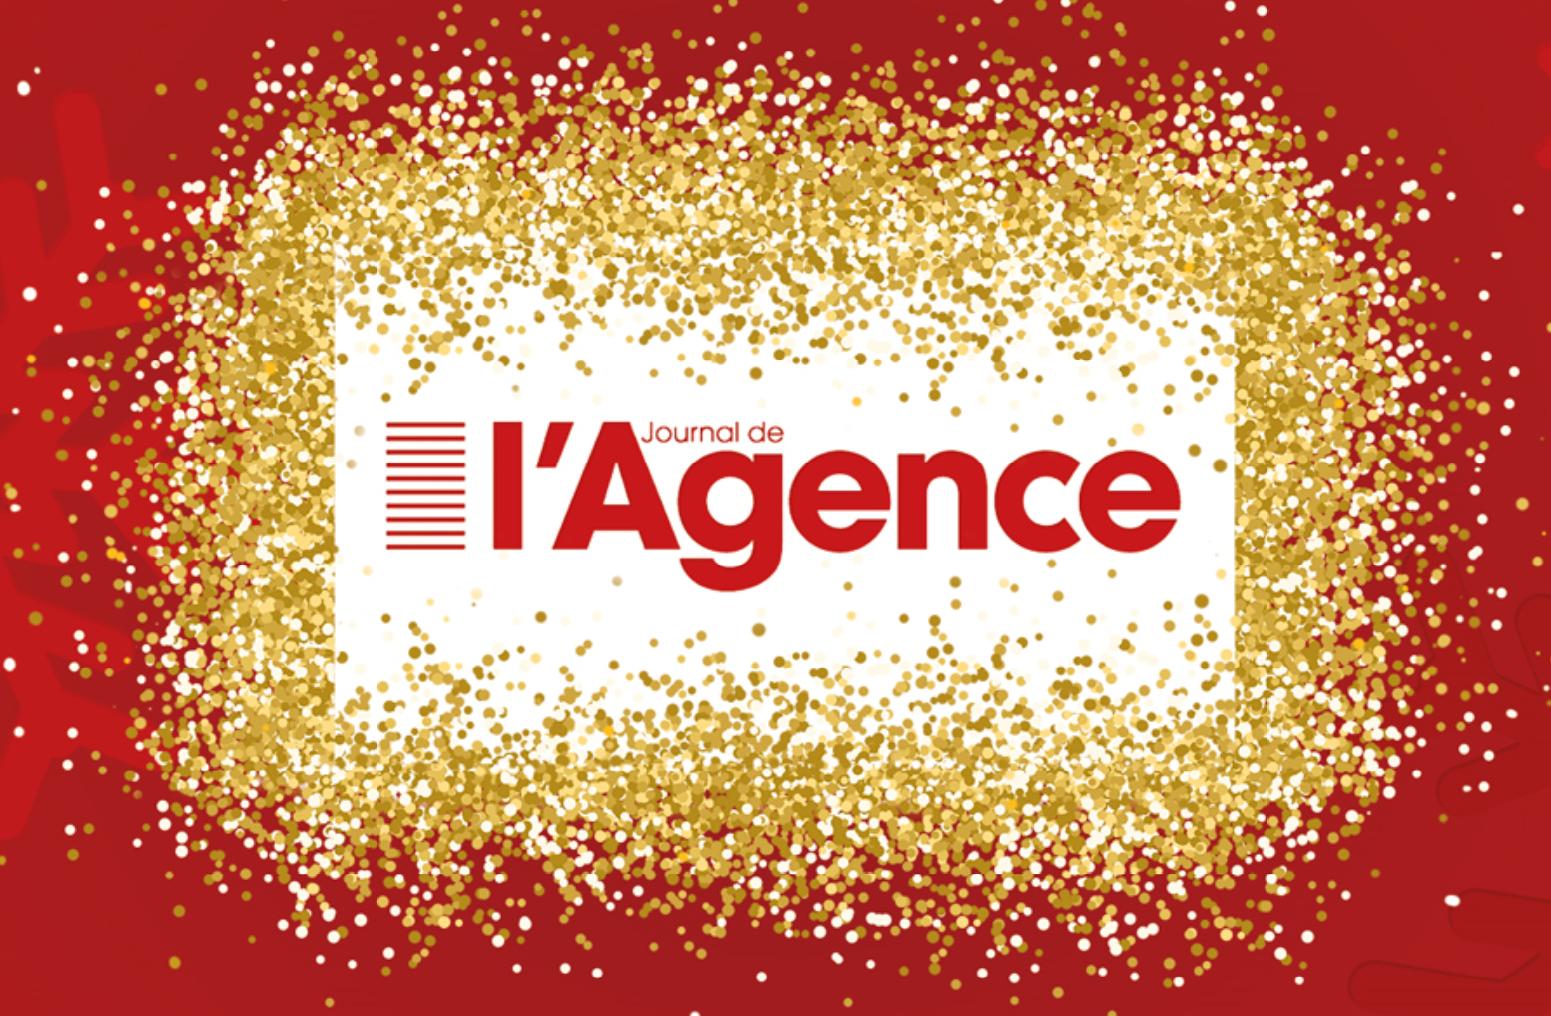 Le Journal de l'Agence vous souhaite une excellente année 2019